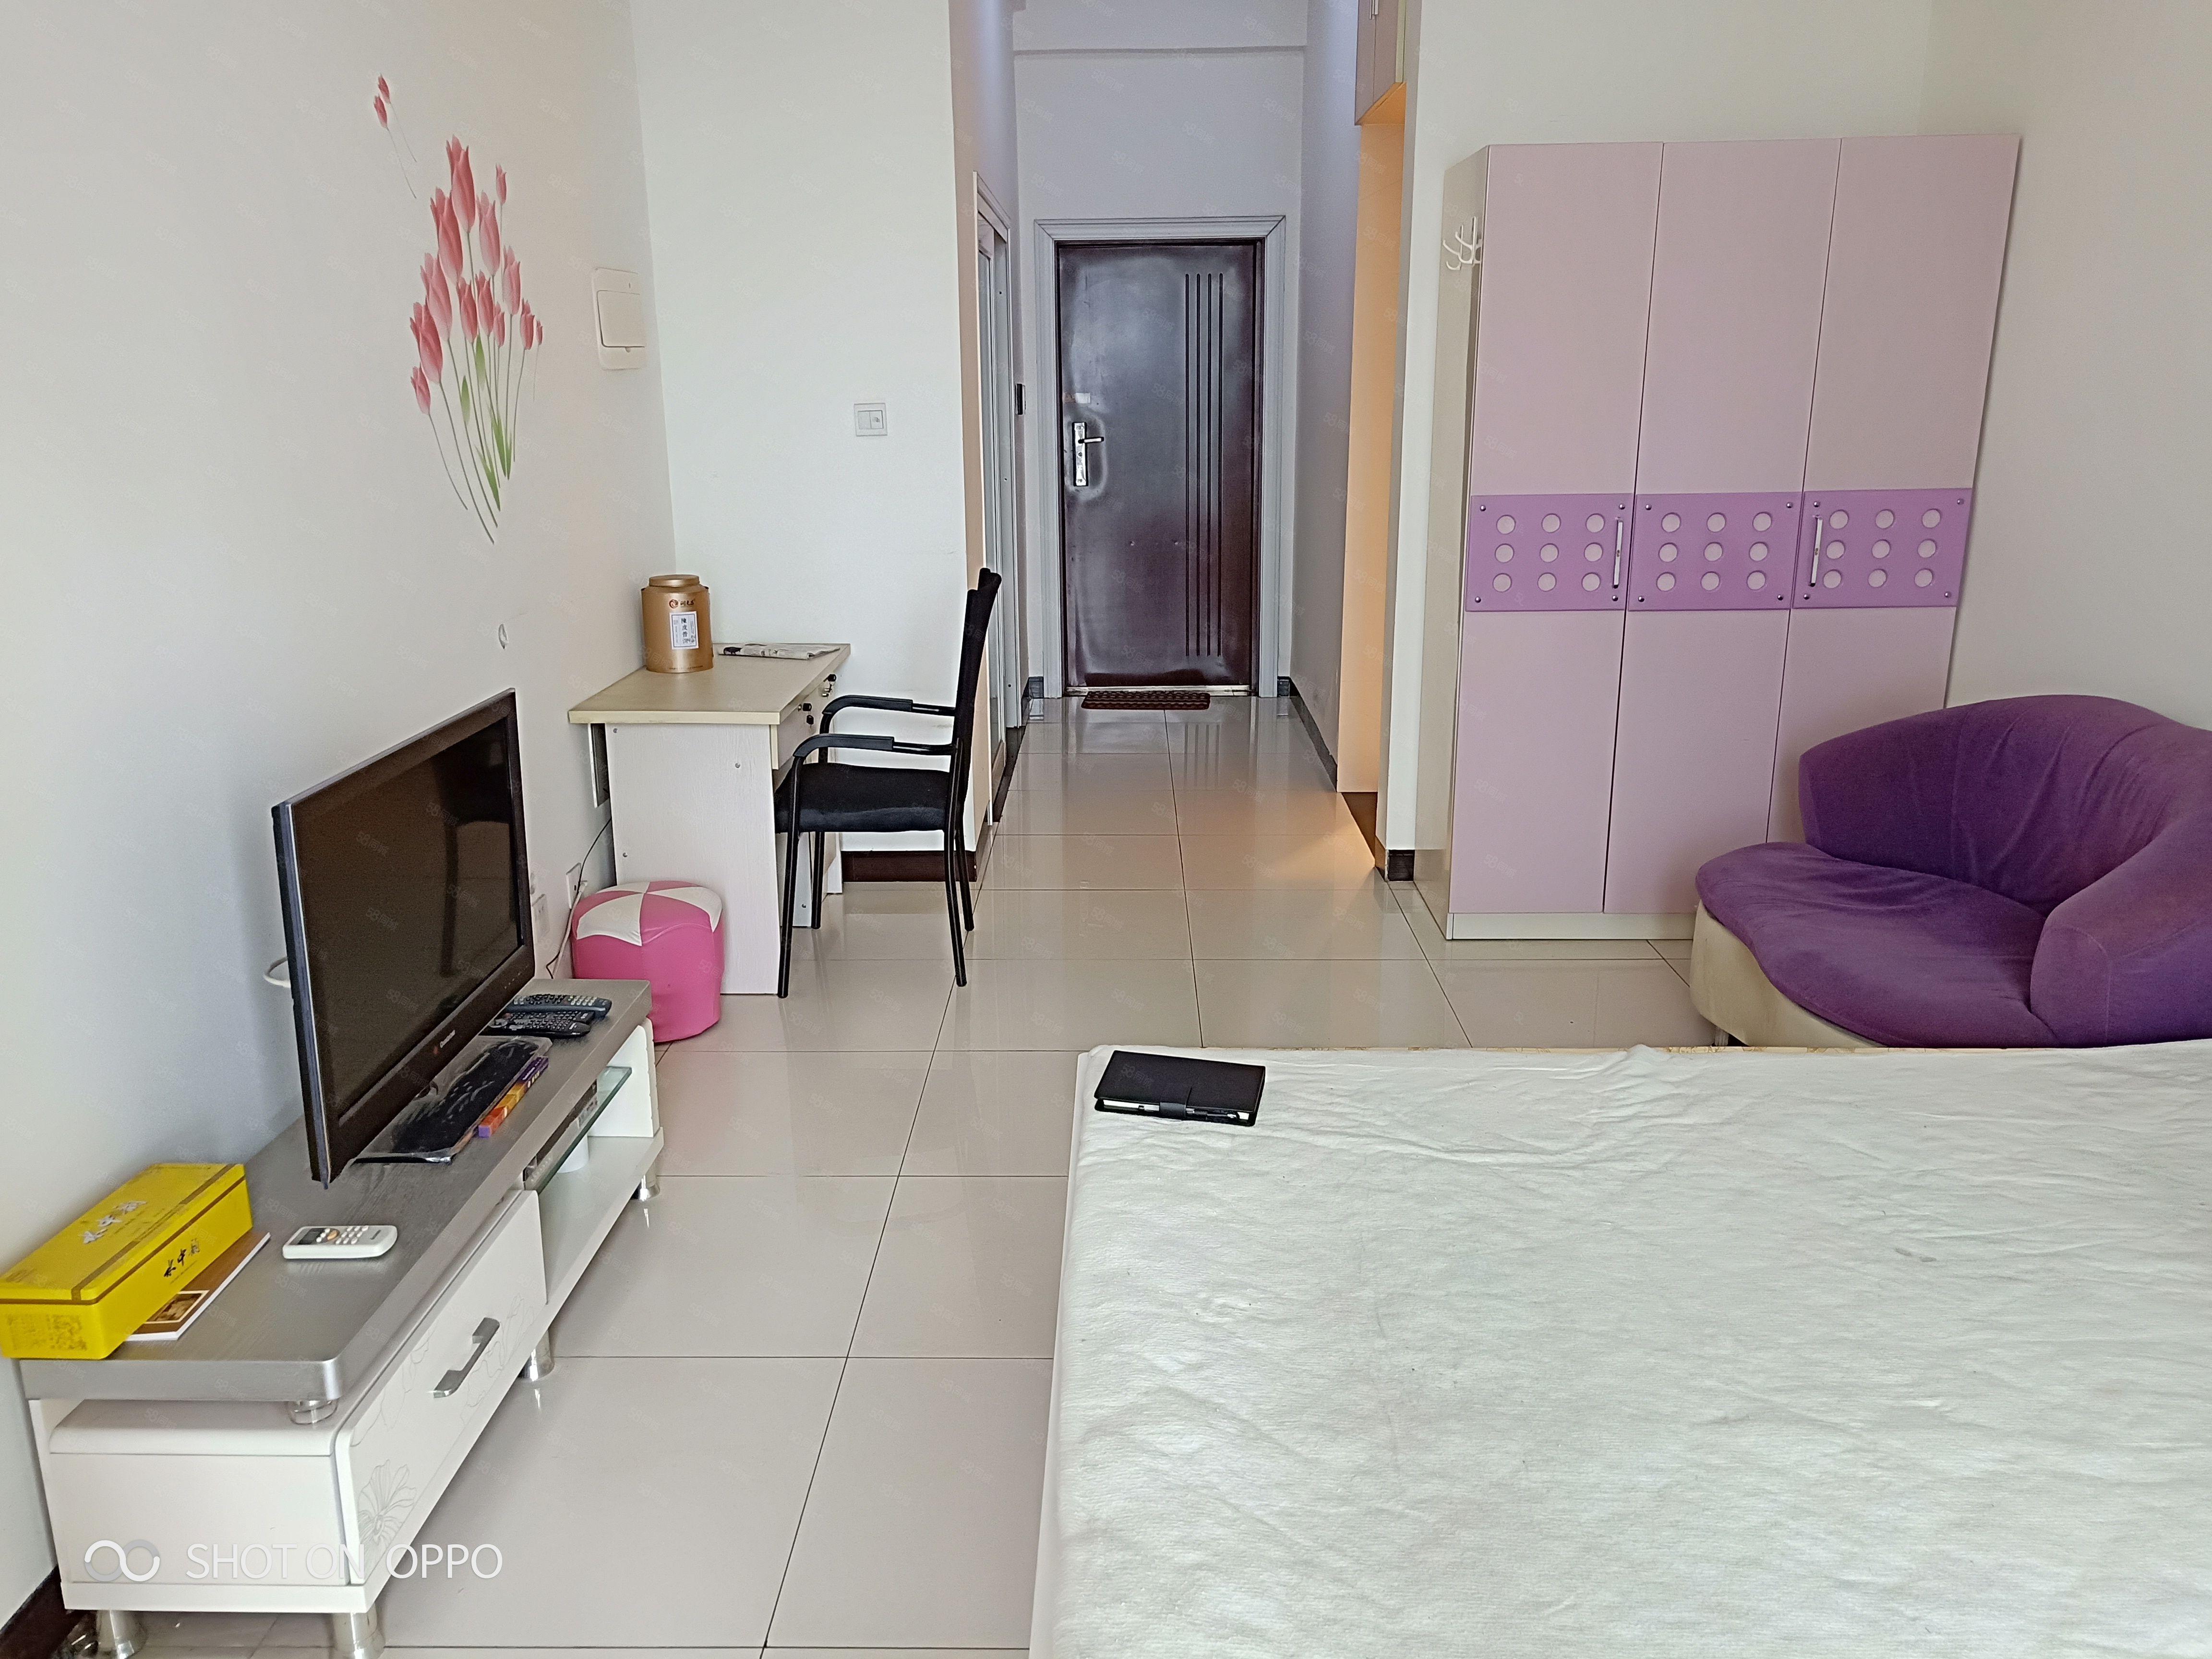 莱茵河畔月光半岛精装修大一室出租家具齐全拎包入住